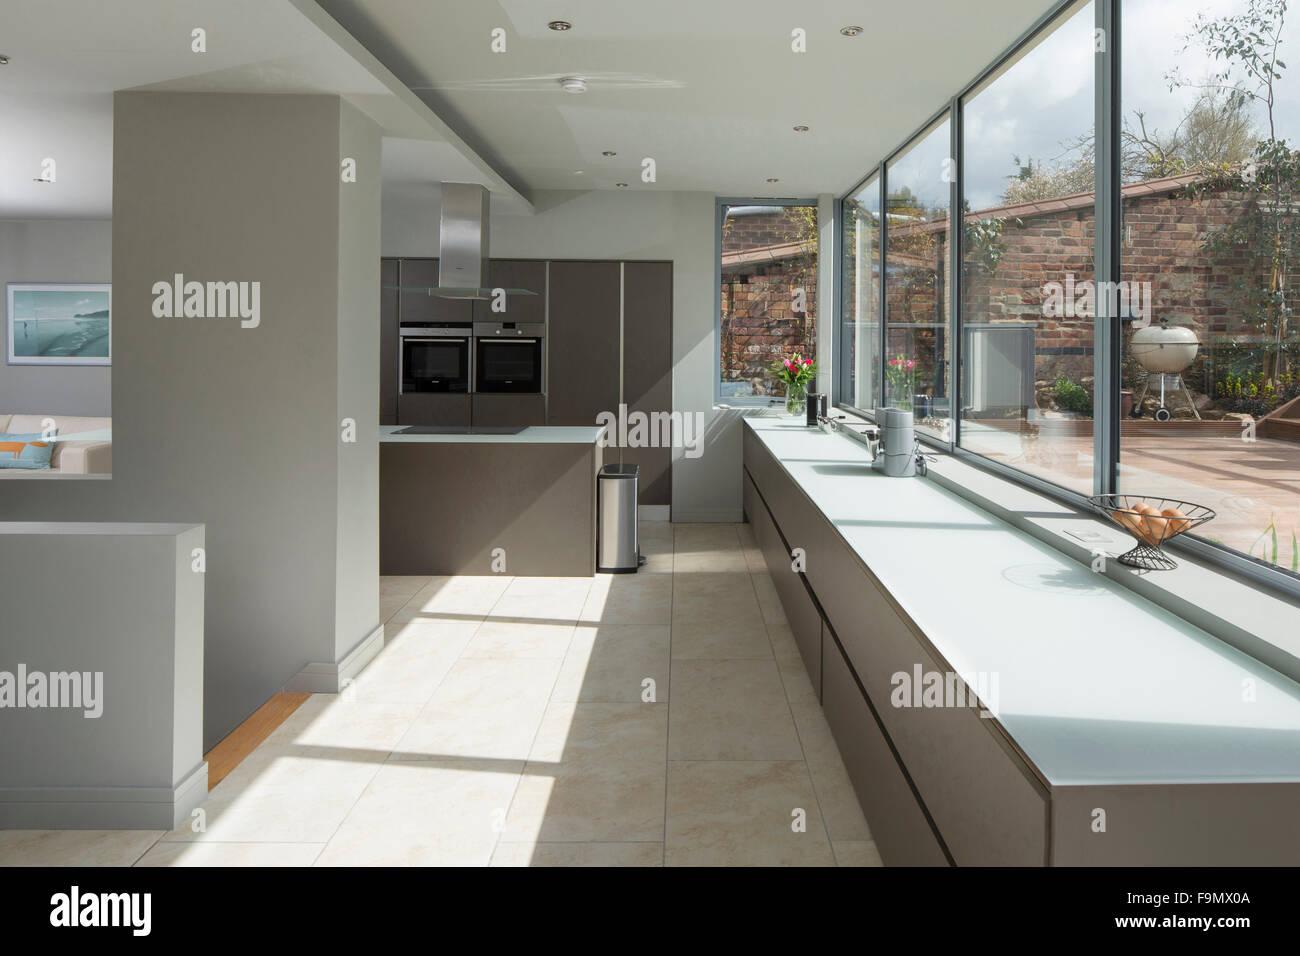 Einen großen offenen Raum, Küche und Essbereich, mit ...